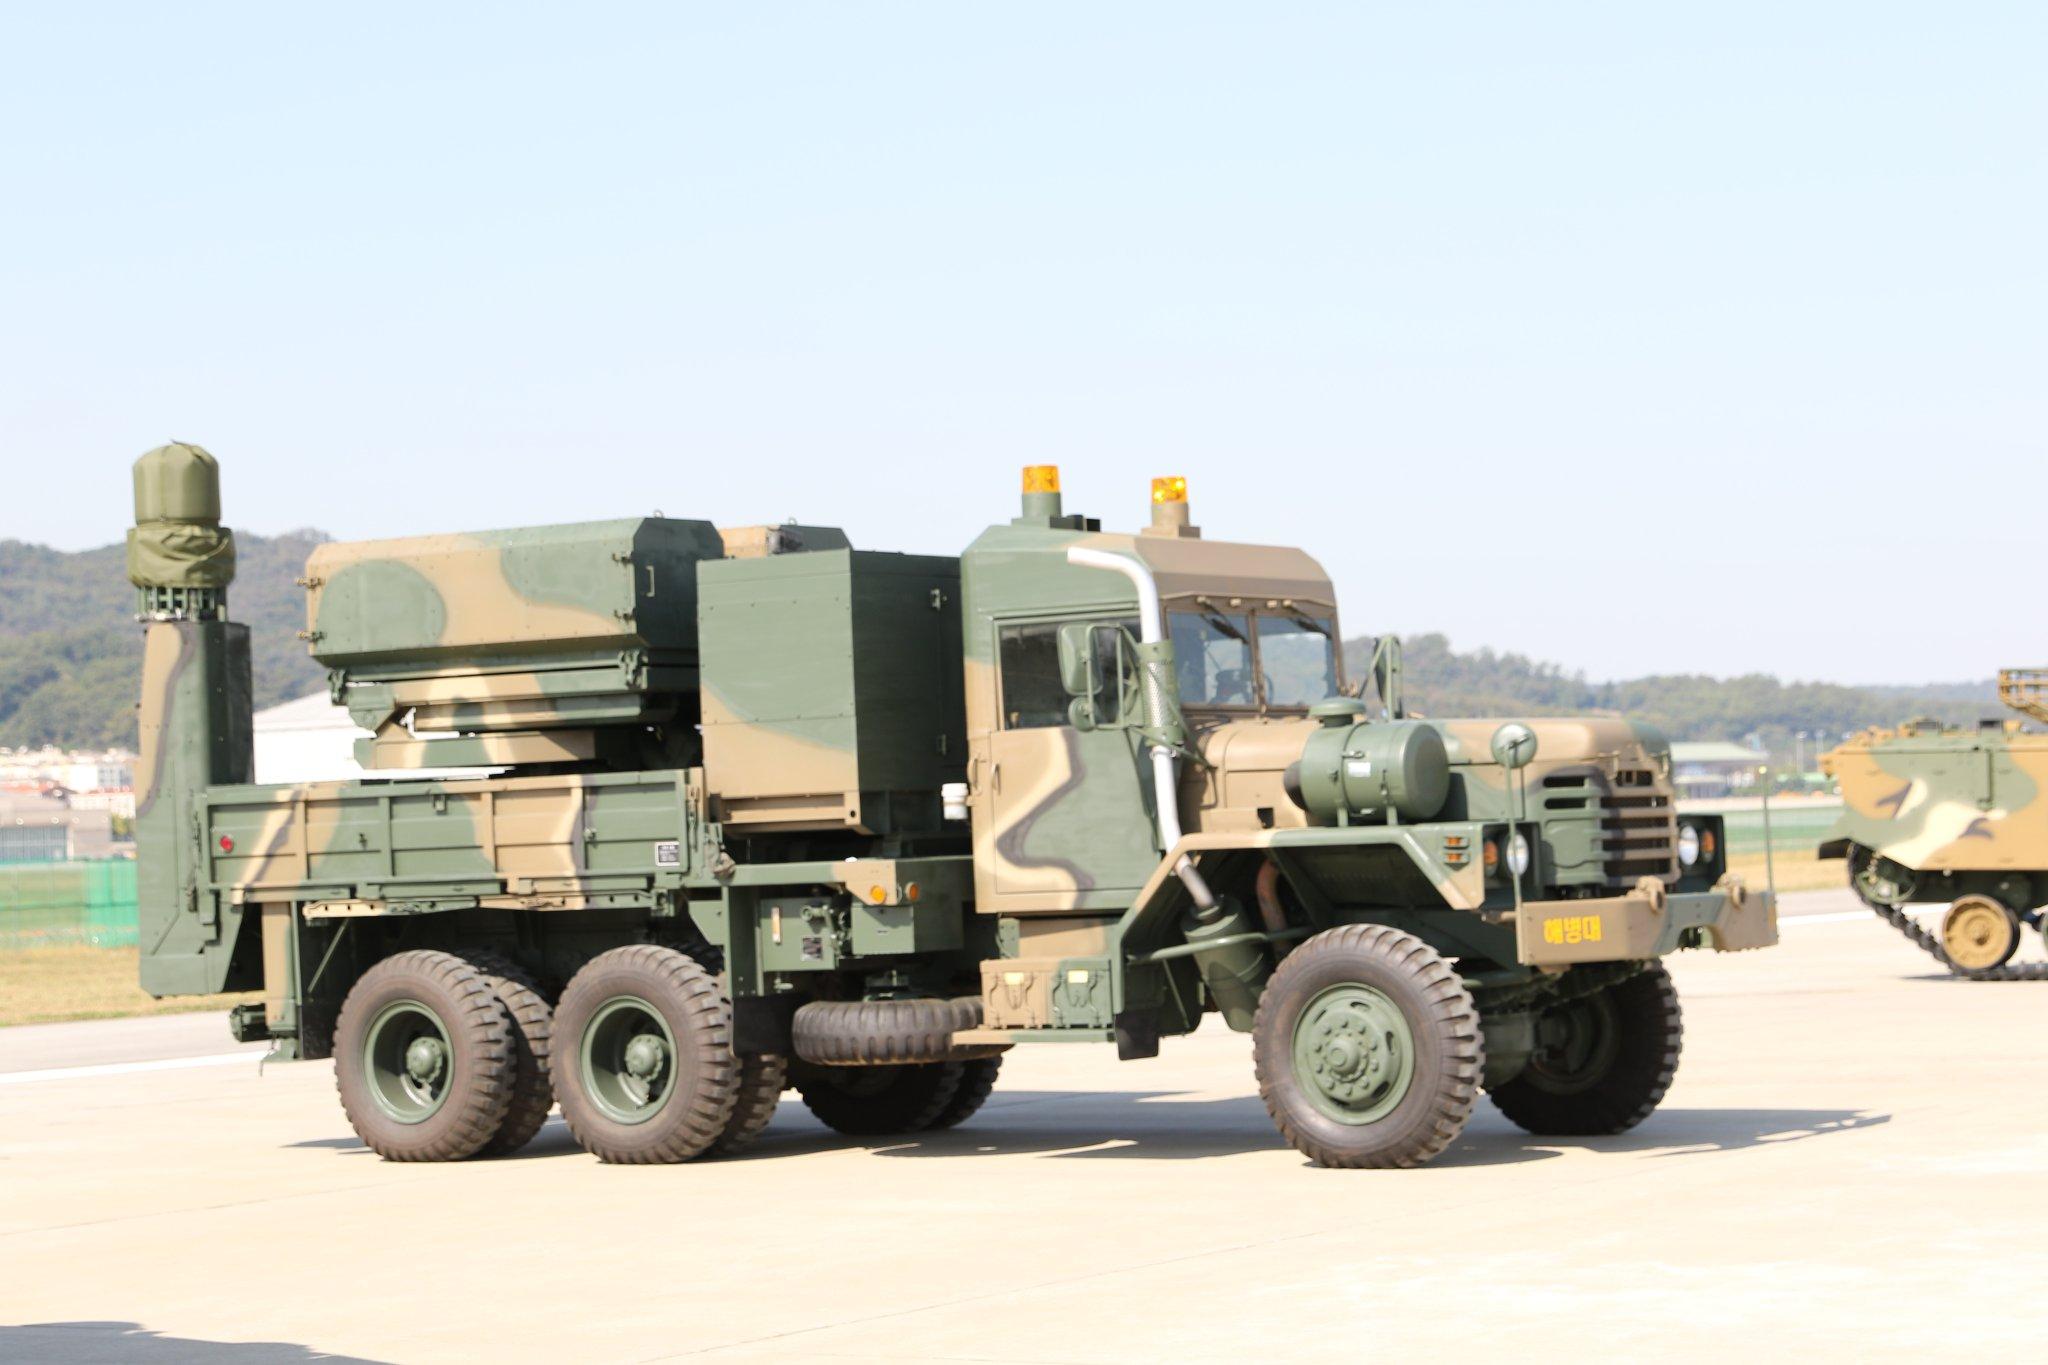 Боевая машина южнокорейского ракетного комплекса Bigung с 70-мм управляемыми ракетами К-LOGIR. Сообщается, что данный образец будет продемонстрирован на выставке Seoul International Aerospace & Defense Exhibition 2017 (ADEX-2017) в Сеуле.